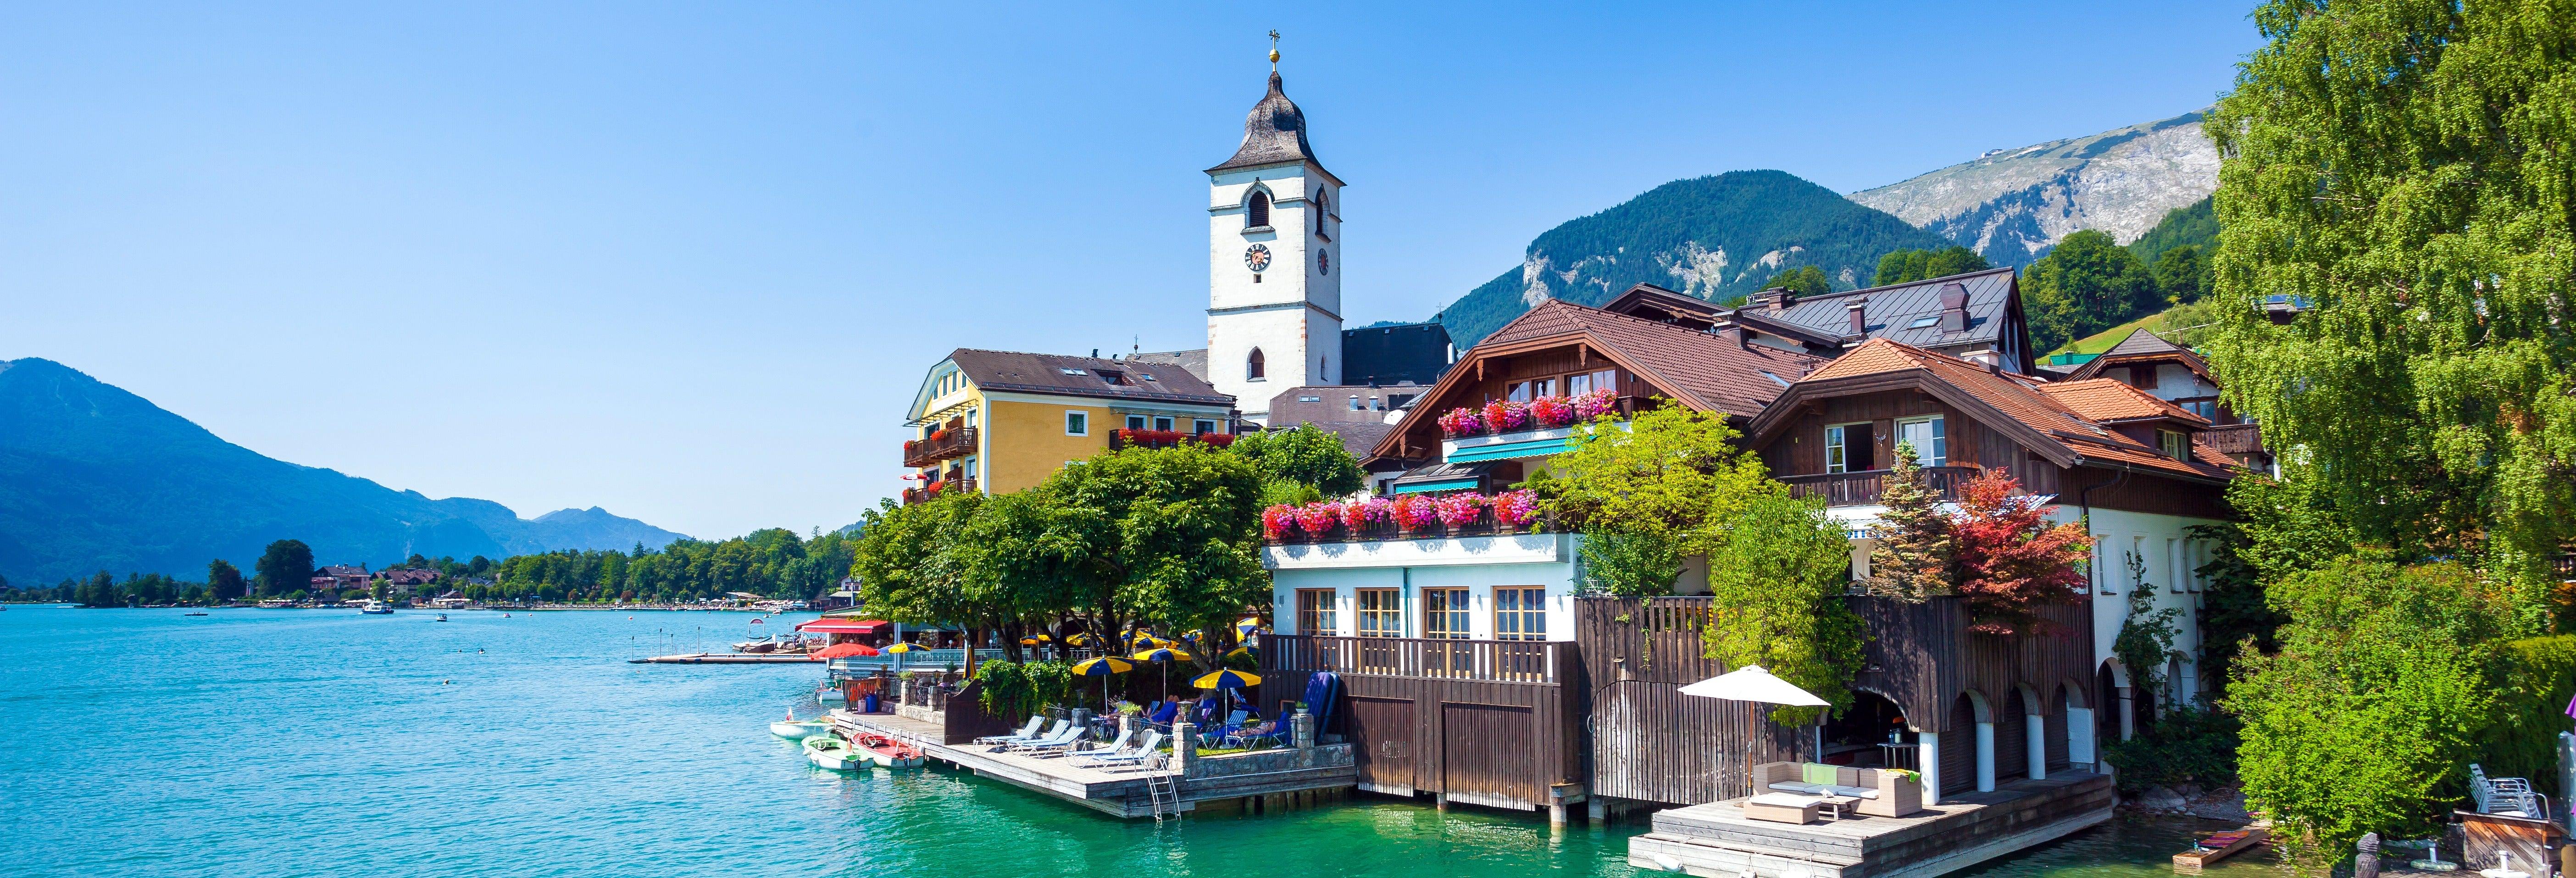 Excursión a los lagos de Salzkammergut